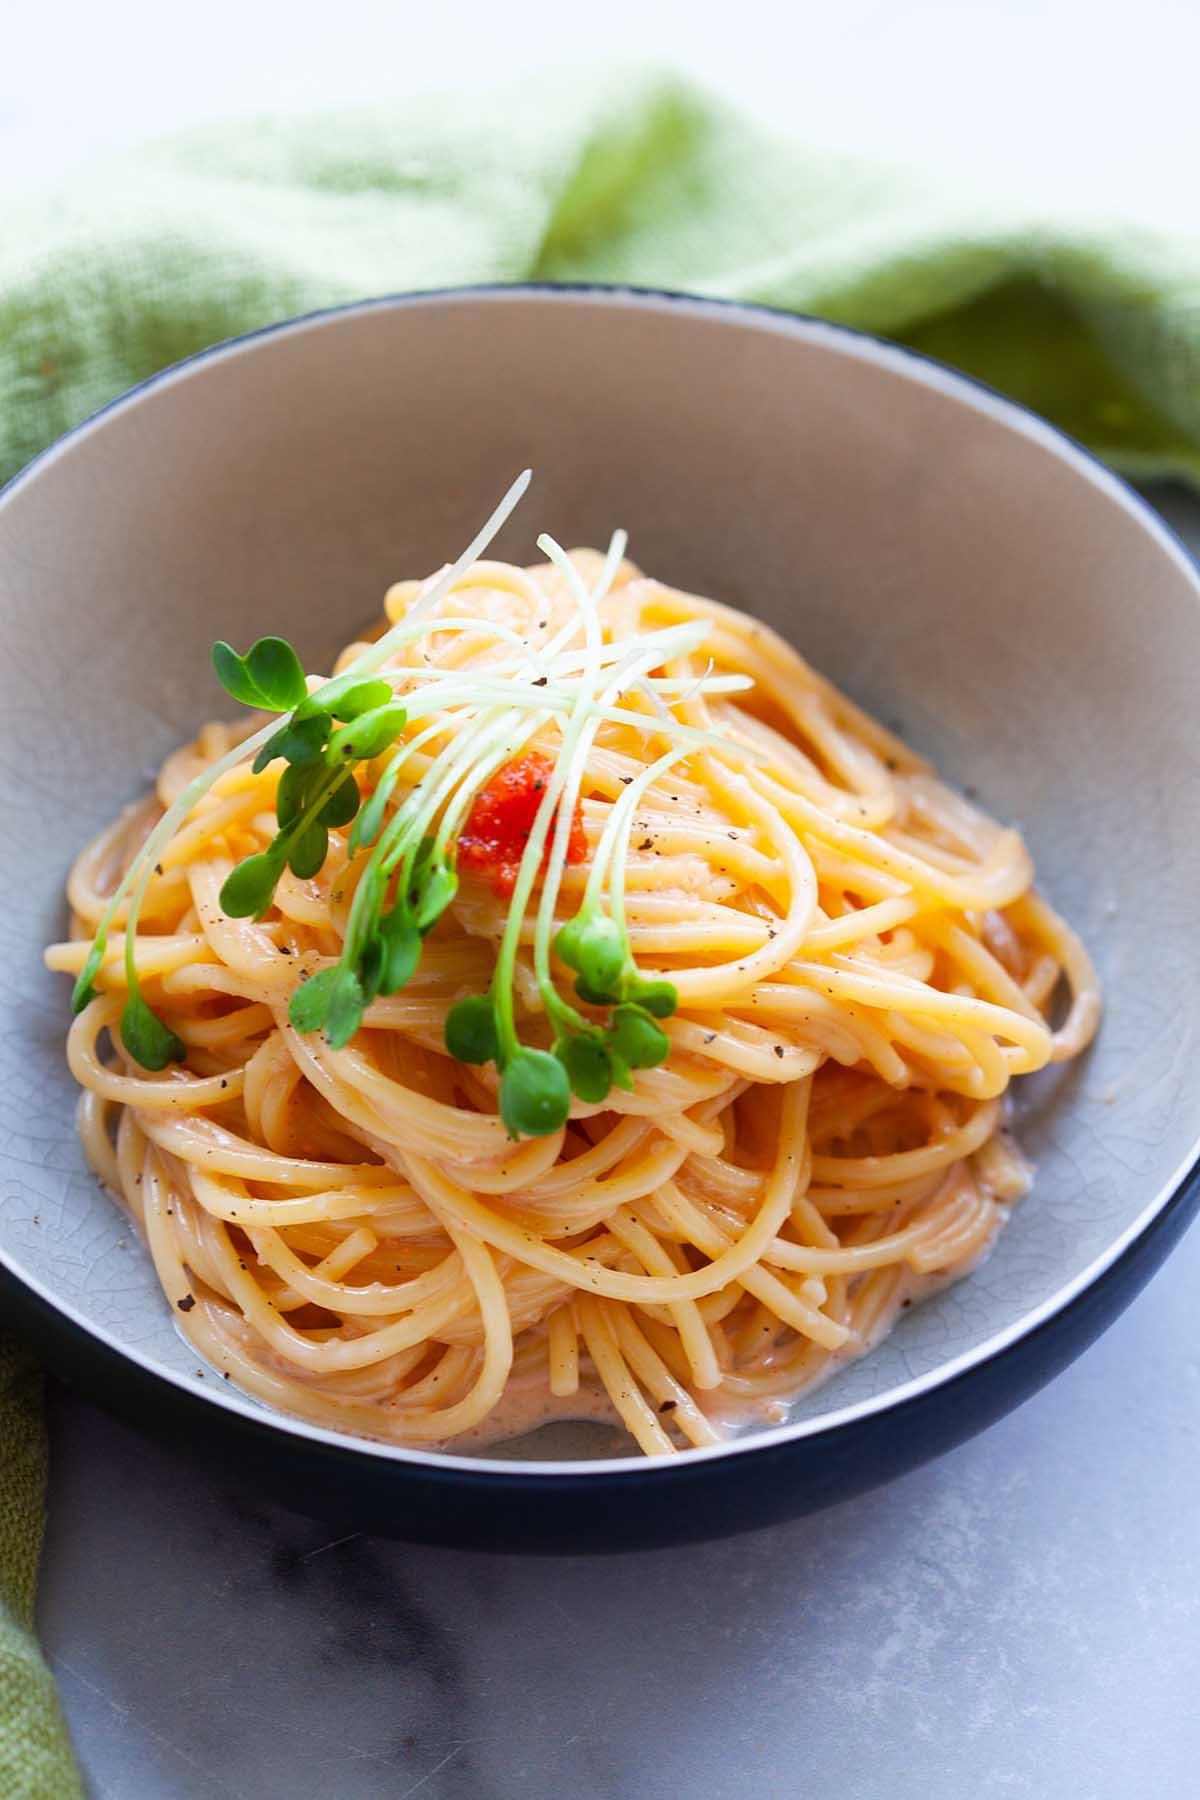 Recette de pâtes mentaiko avec spaghetti et sauce mentaiko.